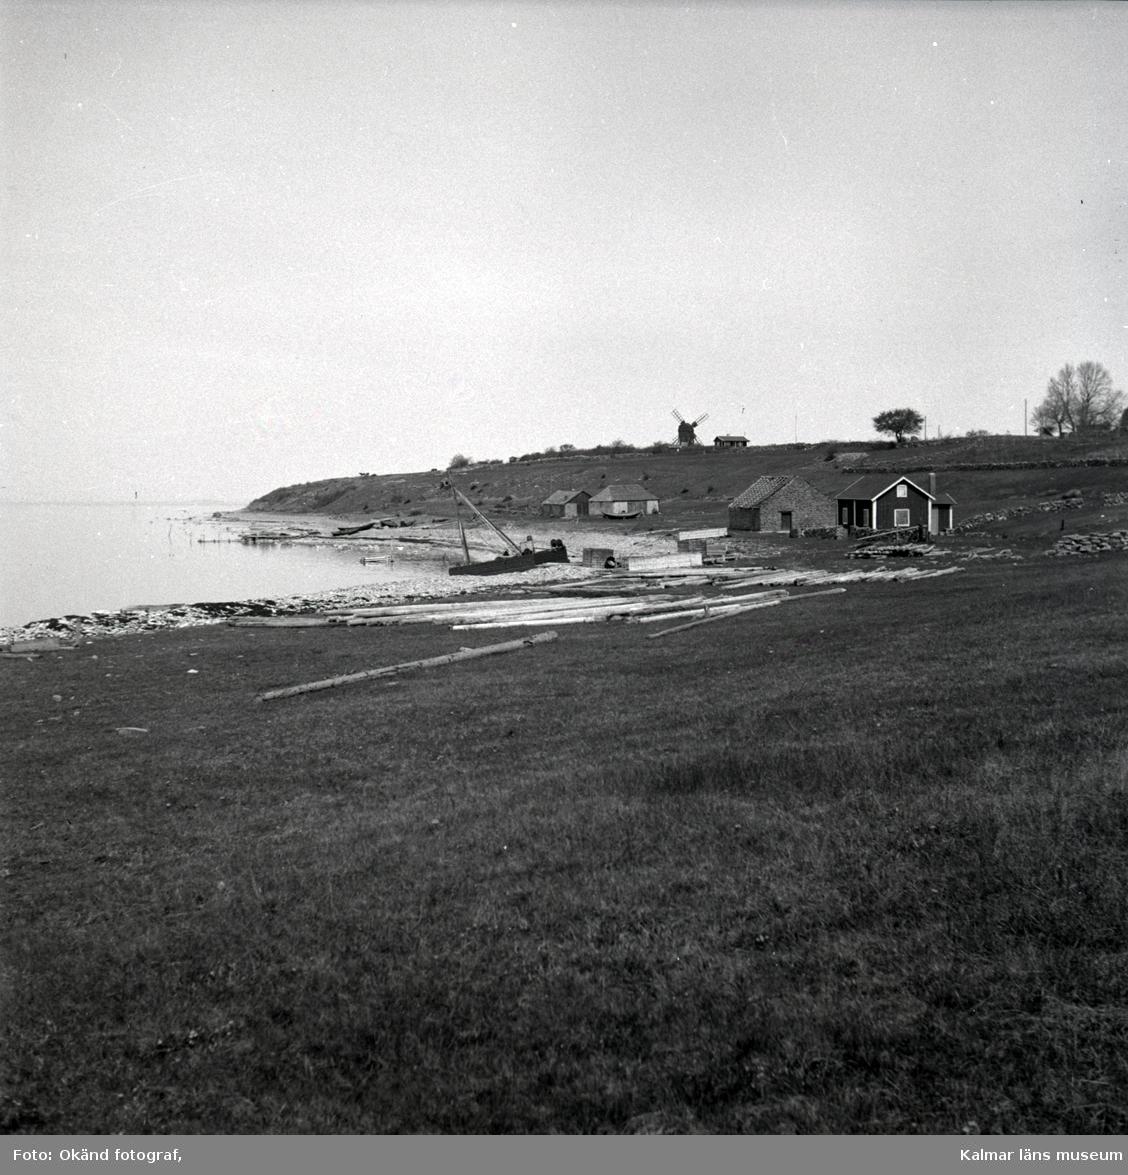 Landskapsbilder från Äleklinta. Här syns även den vackra kustvägen.